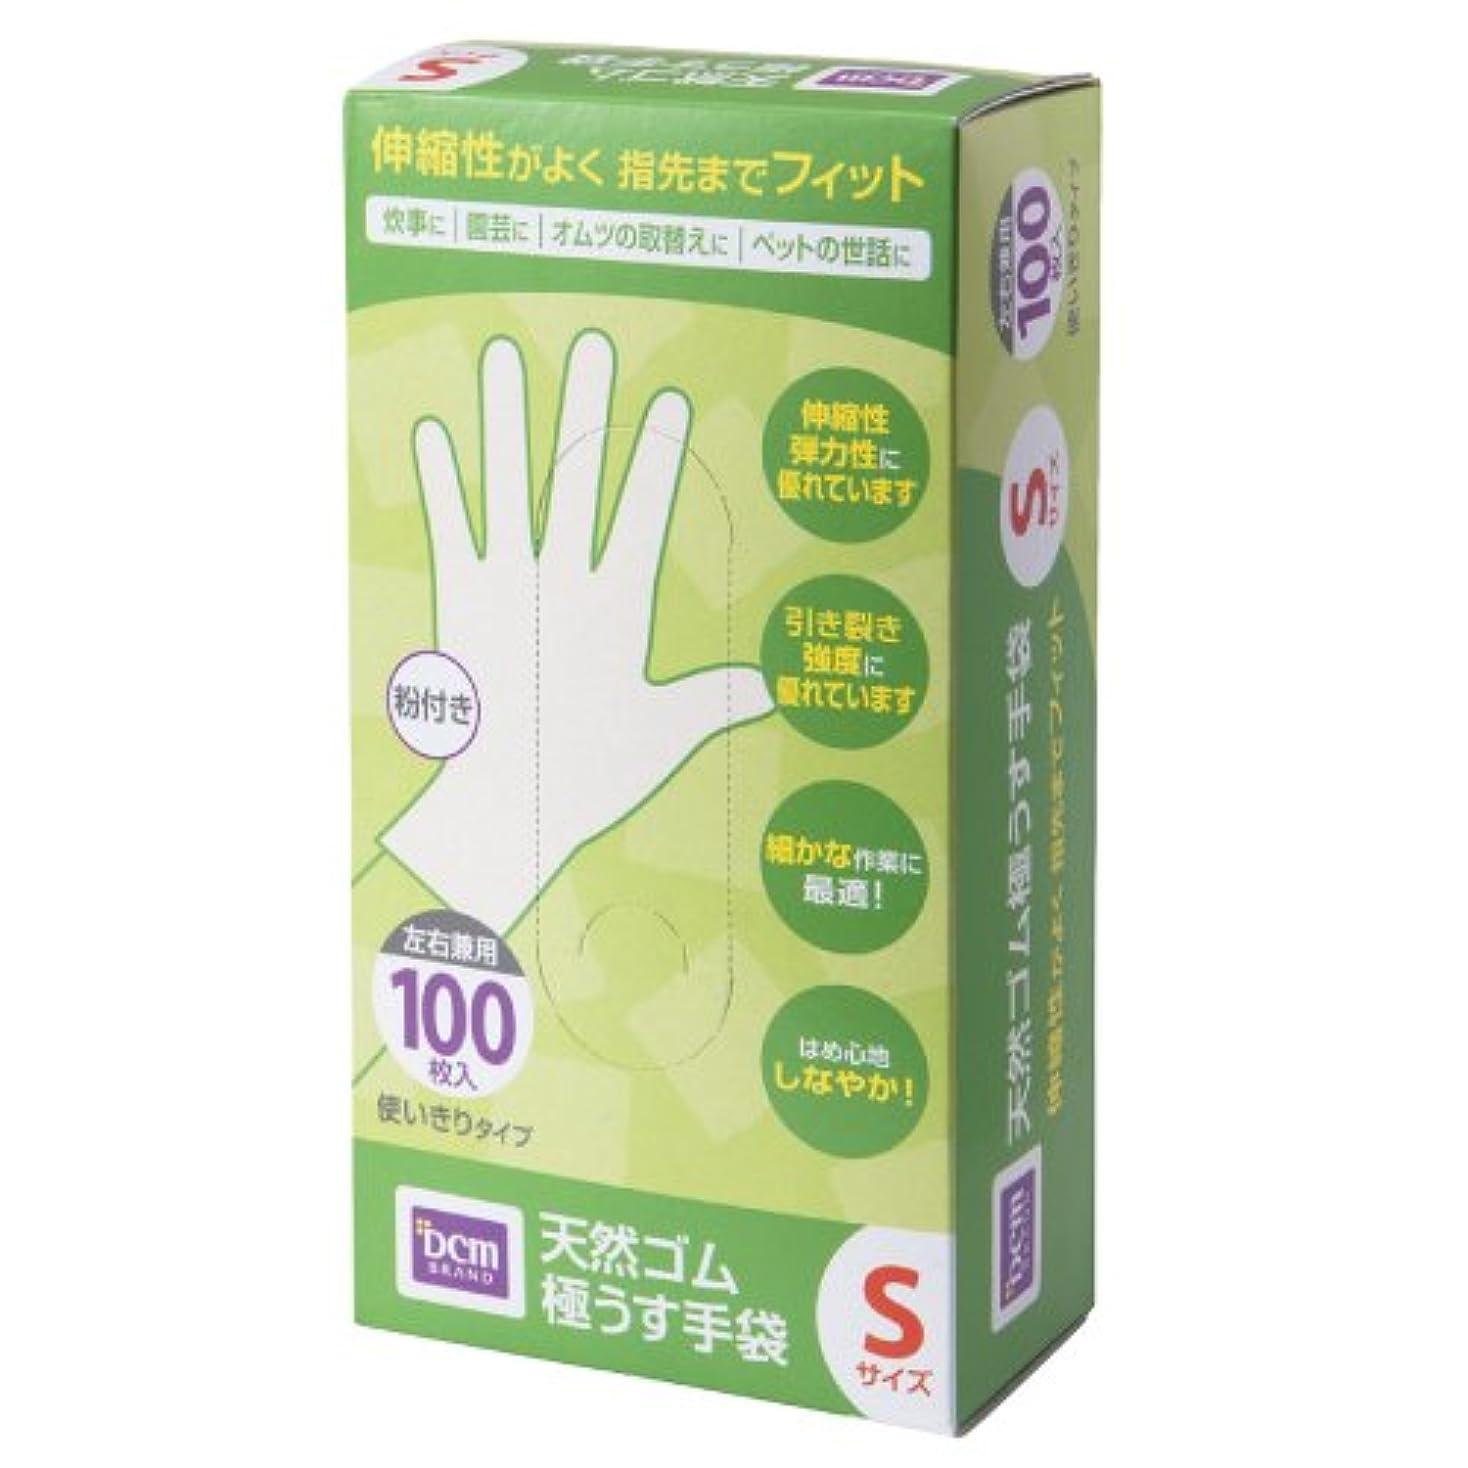 植木するウェイトレス天然ゴム 極うす 手袋 HI06T81 S 100枚入 S